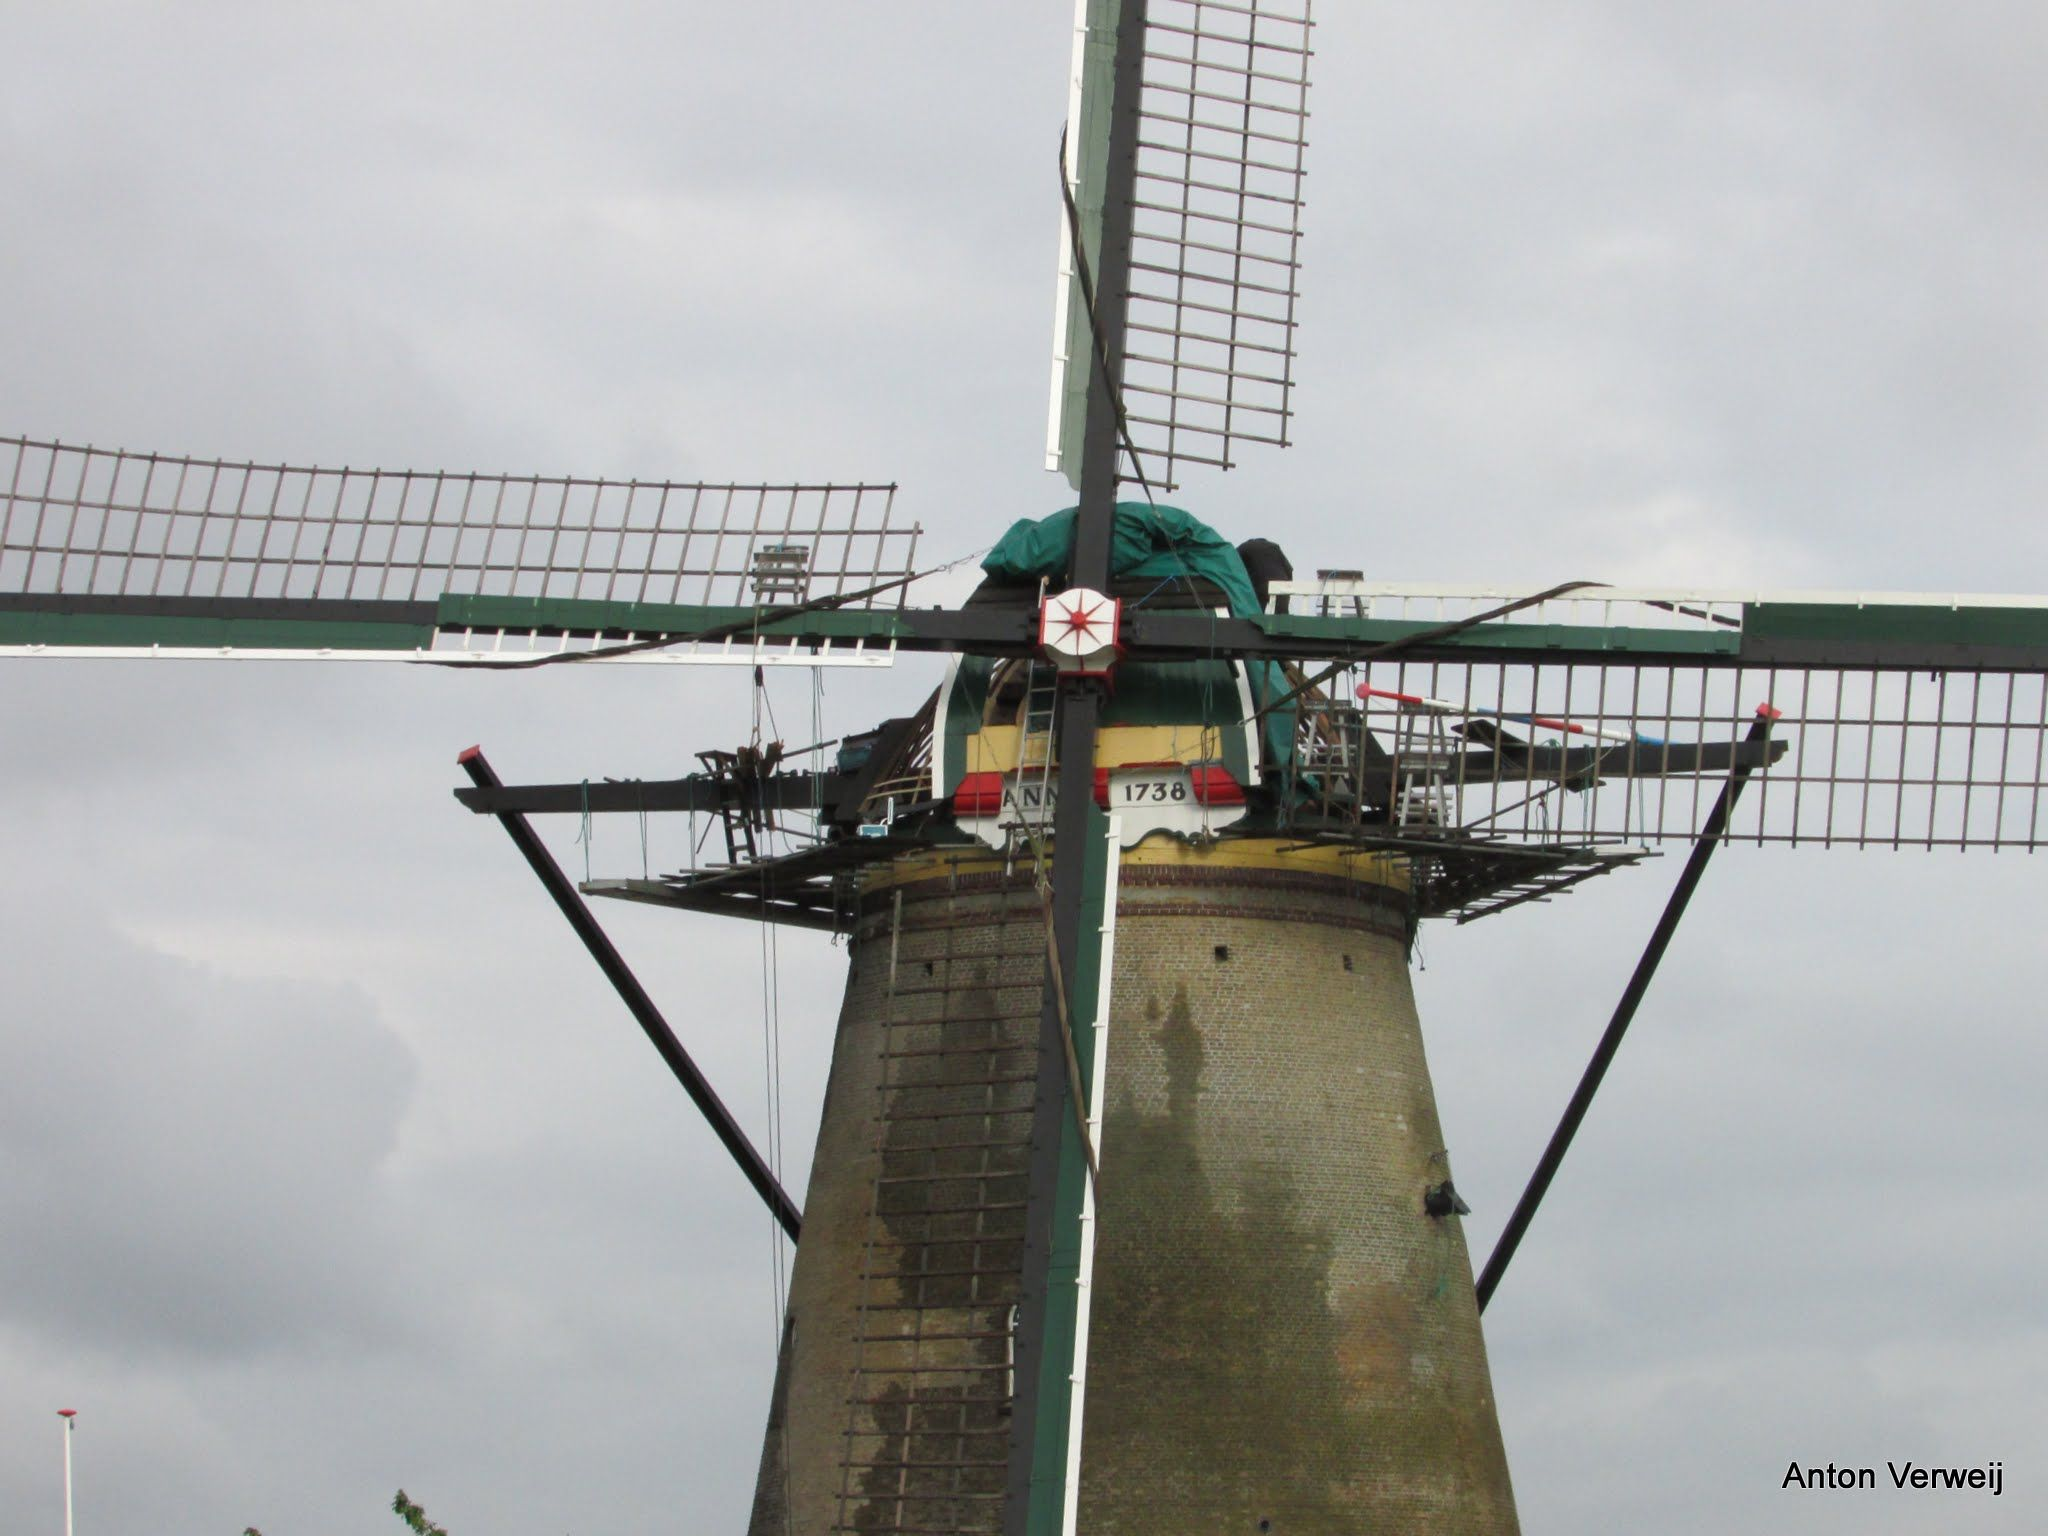 Onttakeld ... http://godisindestilte.blogspot.nl/2015/06/onttakeld.html